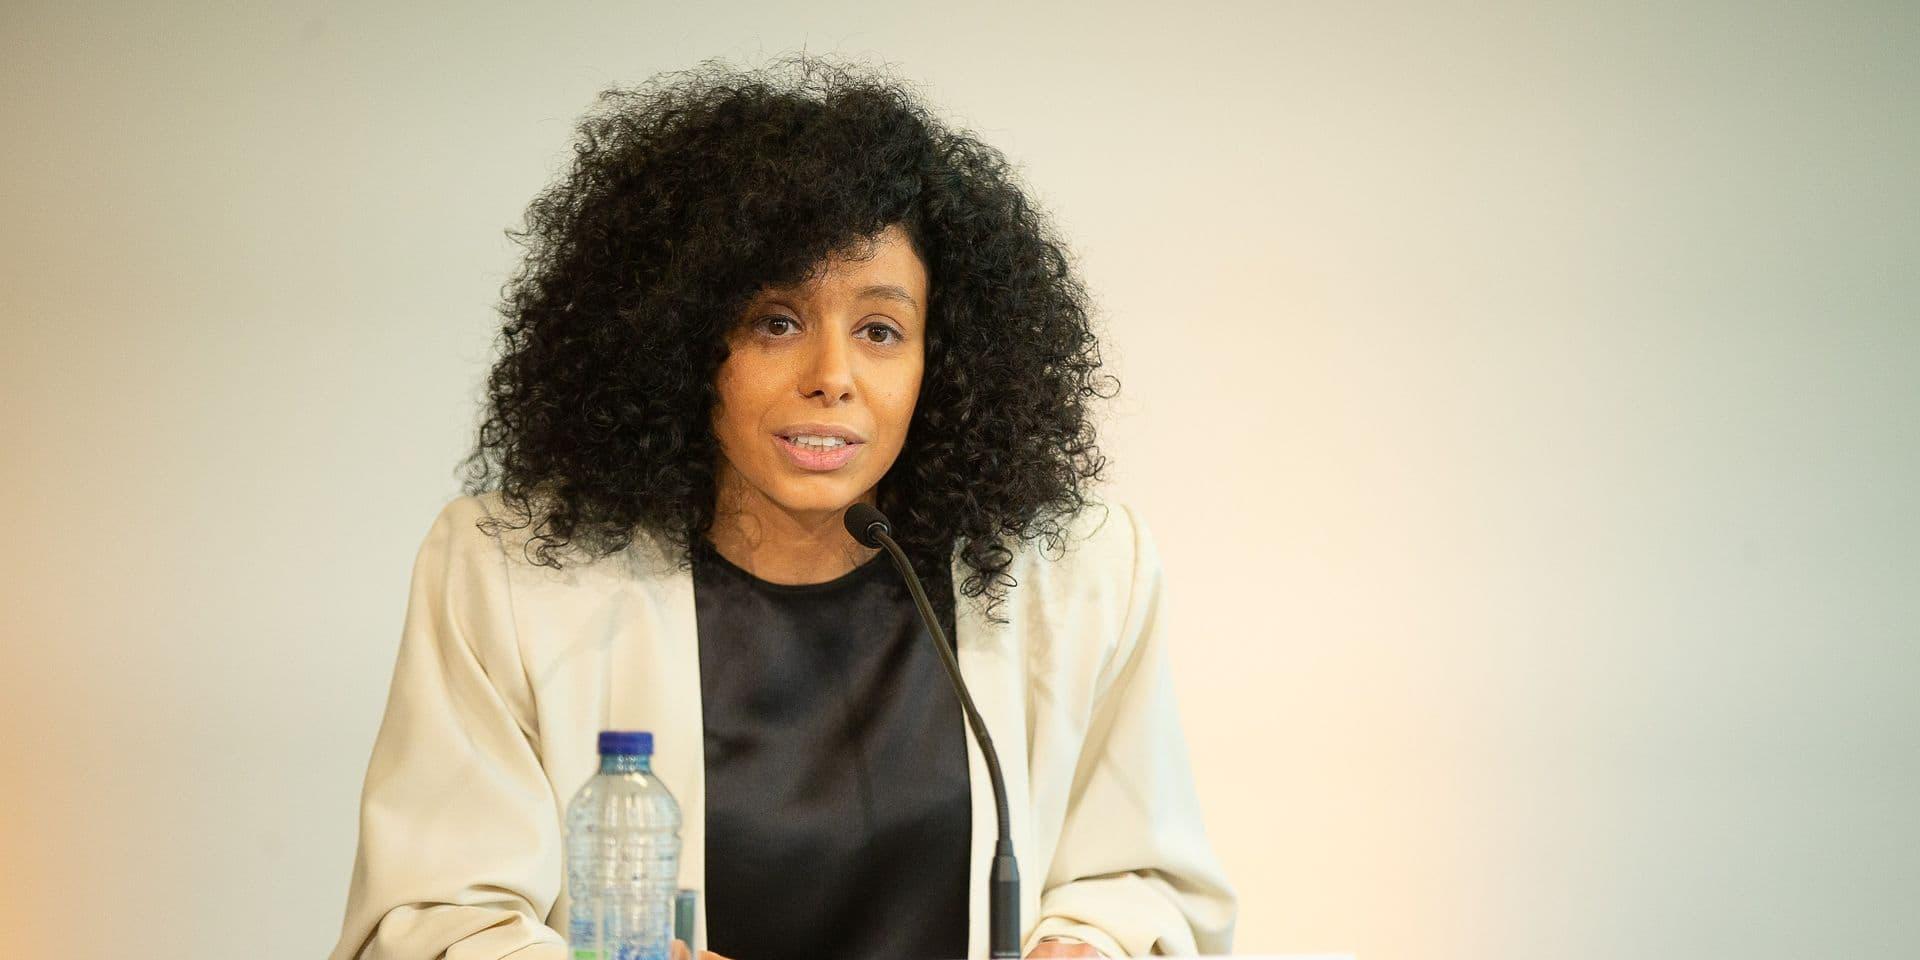 Empêtrée dans une polémique, la députée El Kaouakibi quitte l'Open VLD